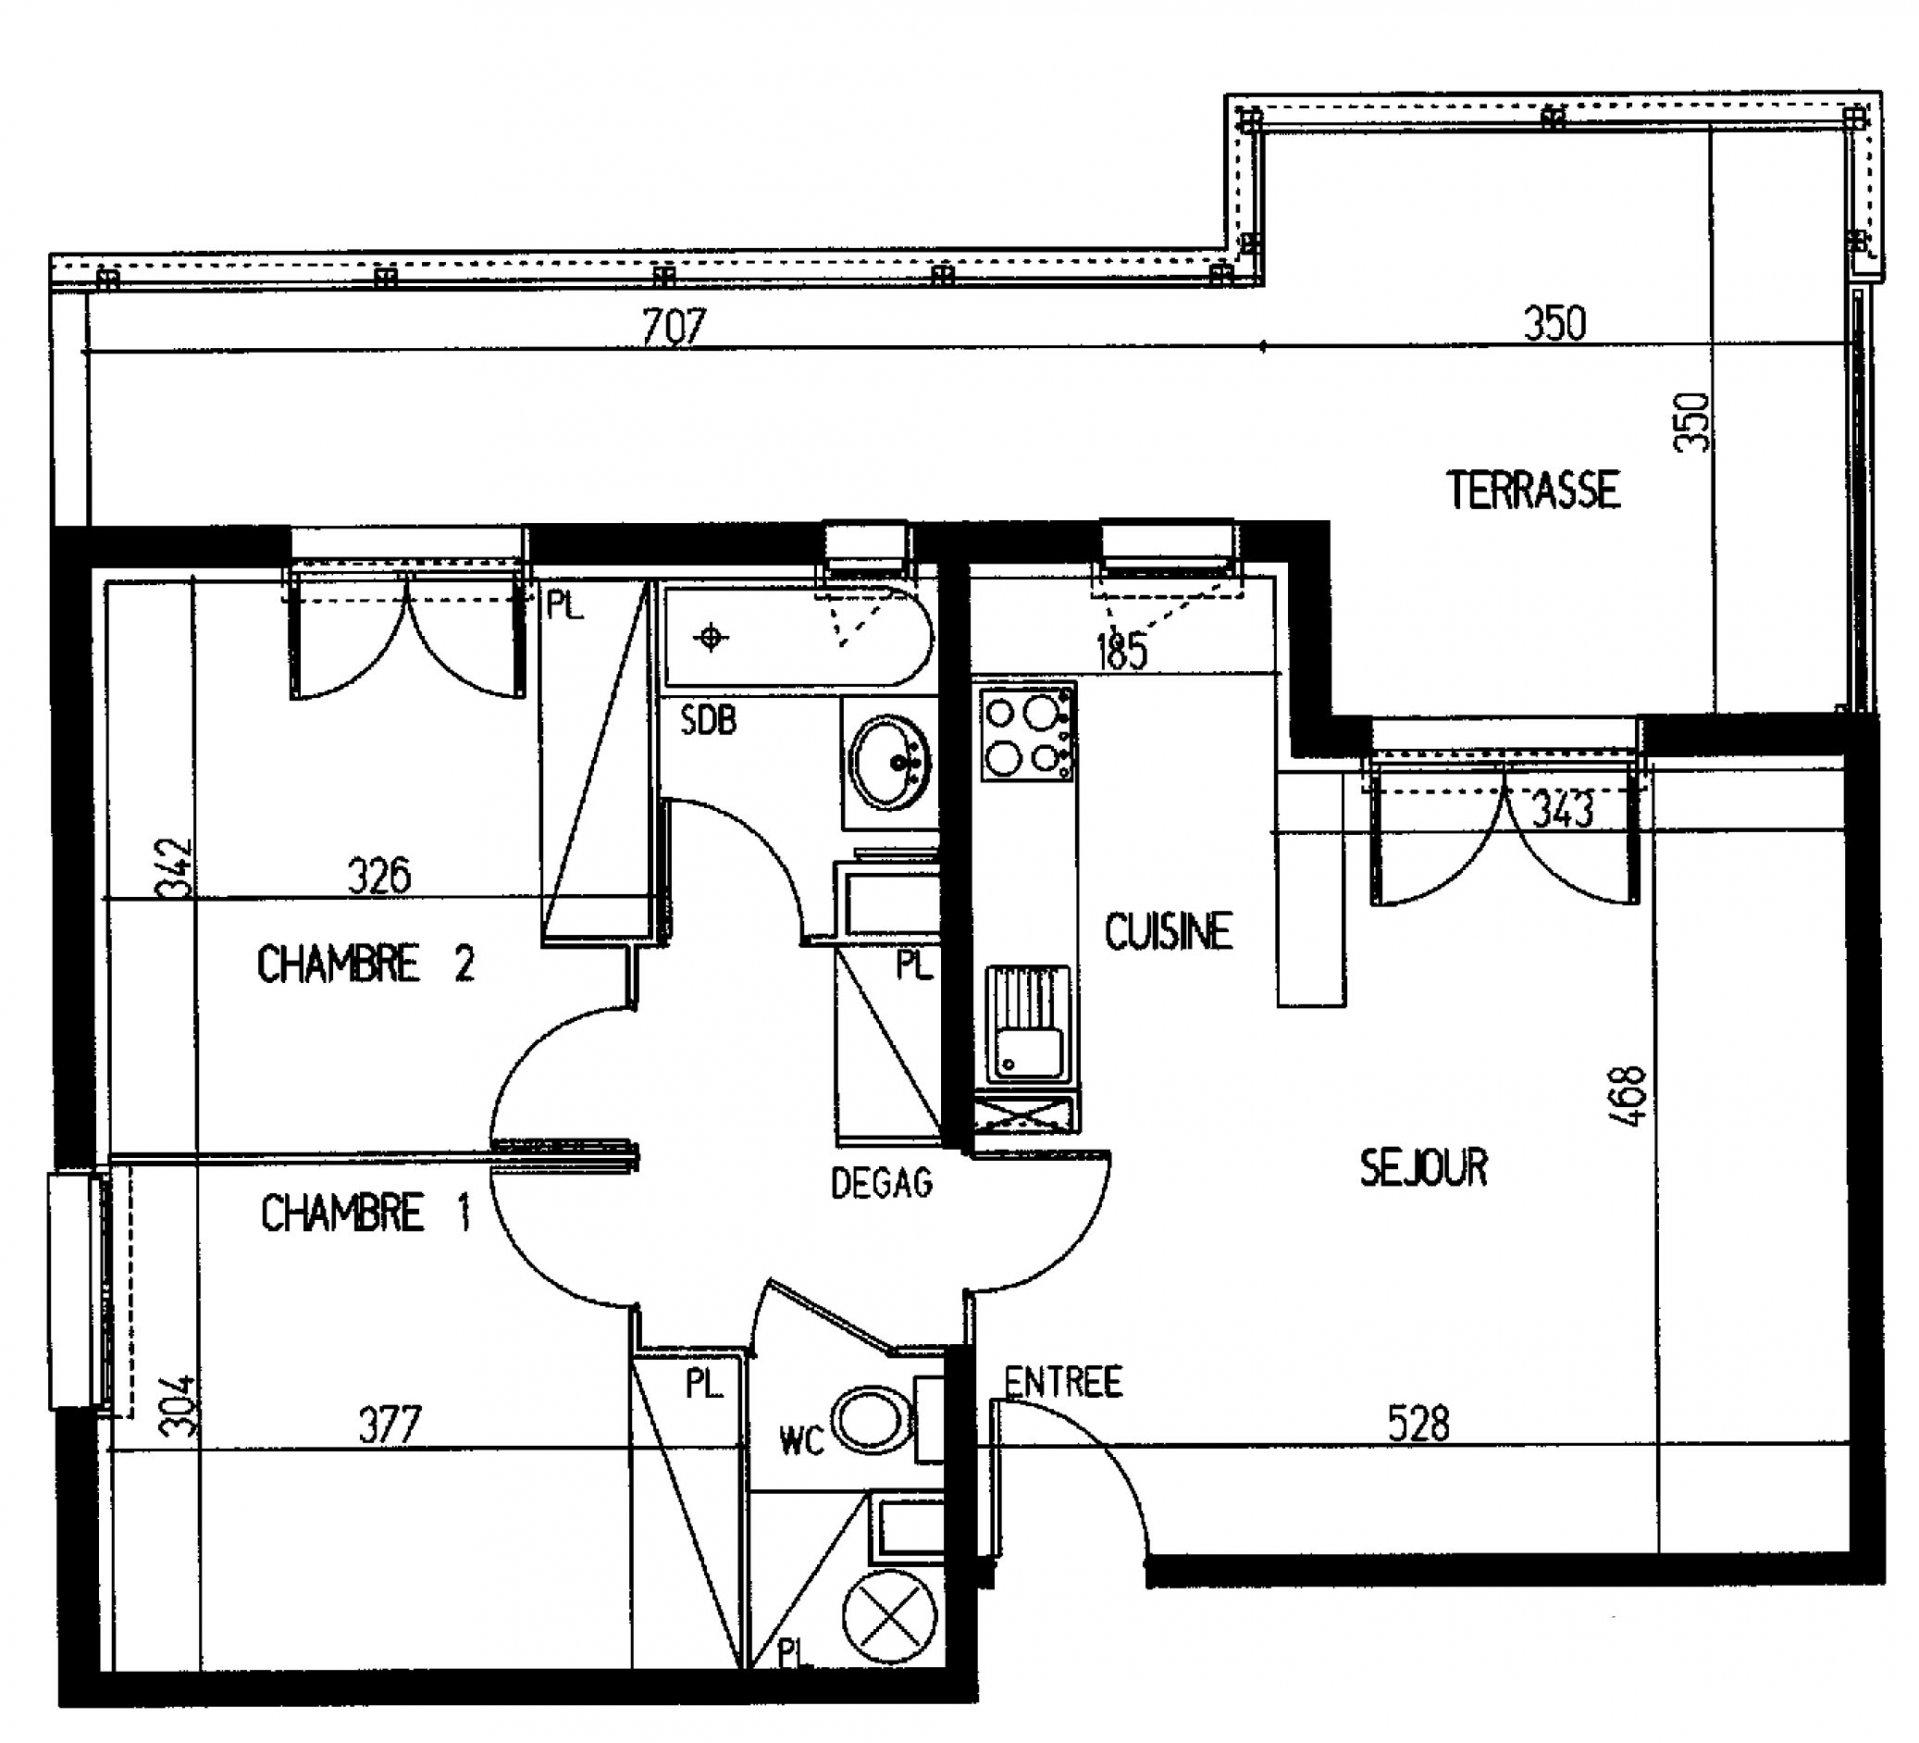 Appartement T3 - 58m² avec terrasse de 22m² - 31200 TOULOUSE